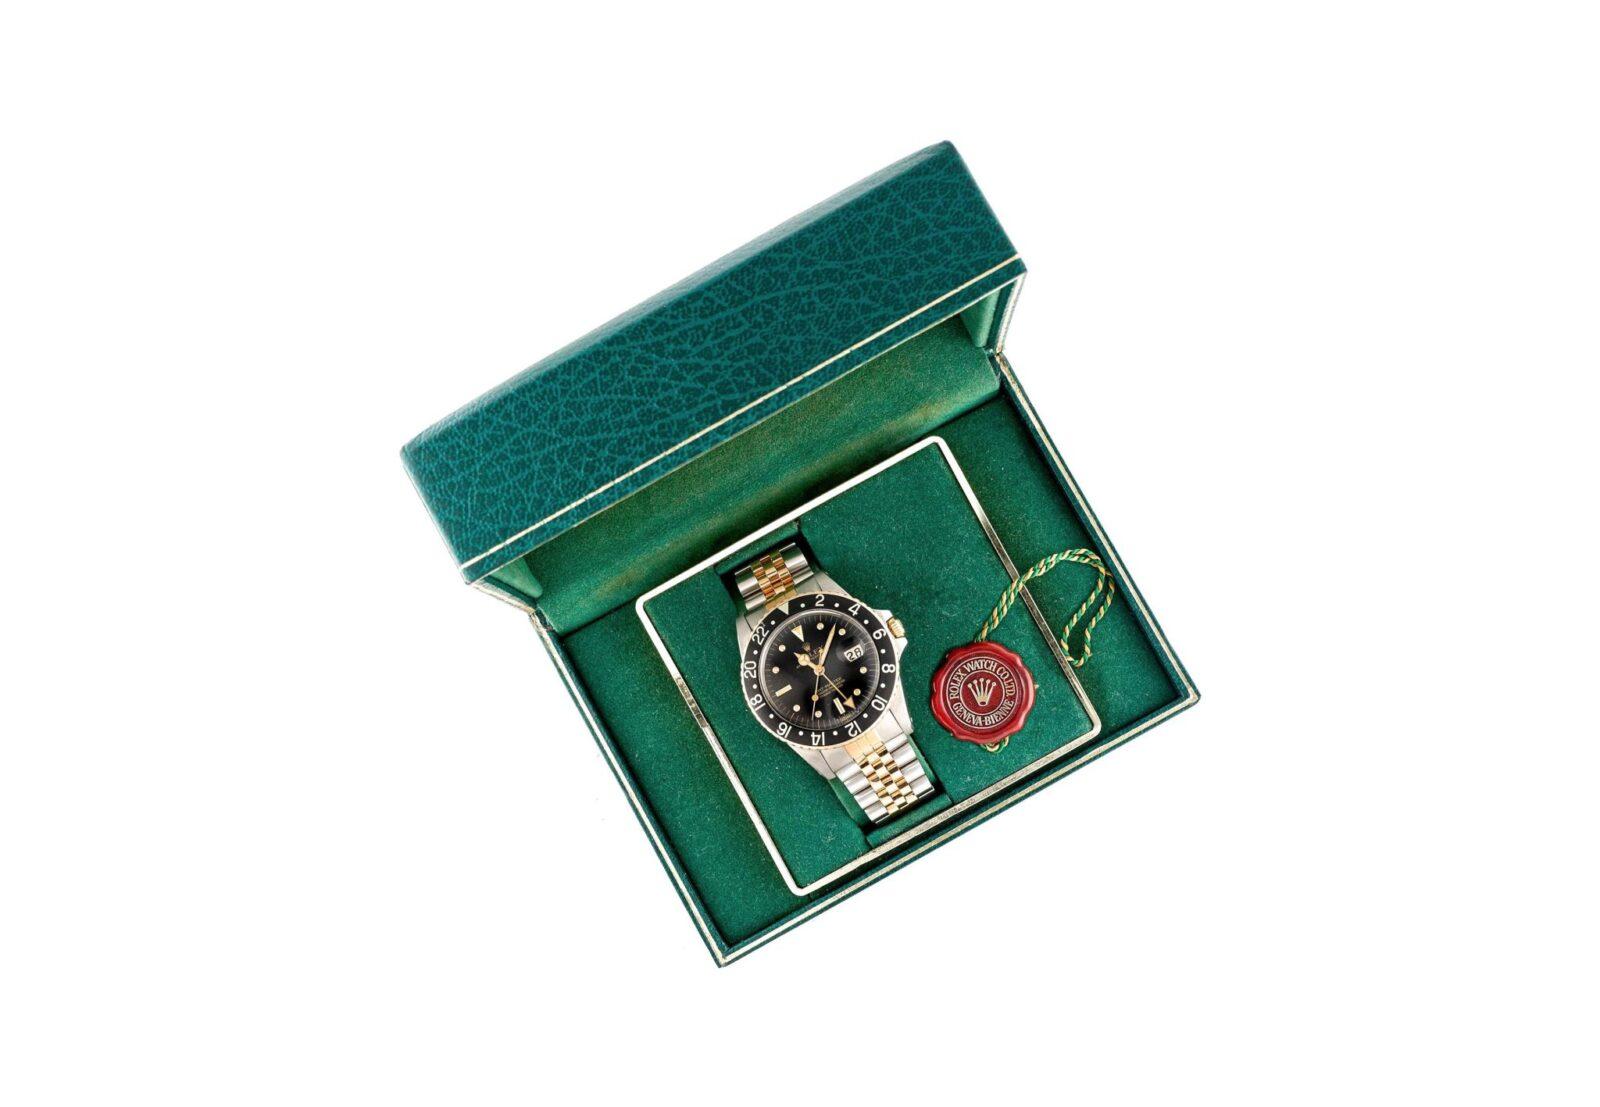 Rolex GMT Master 1 1600x1107 - 1982 Rolex GMT-Master